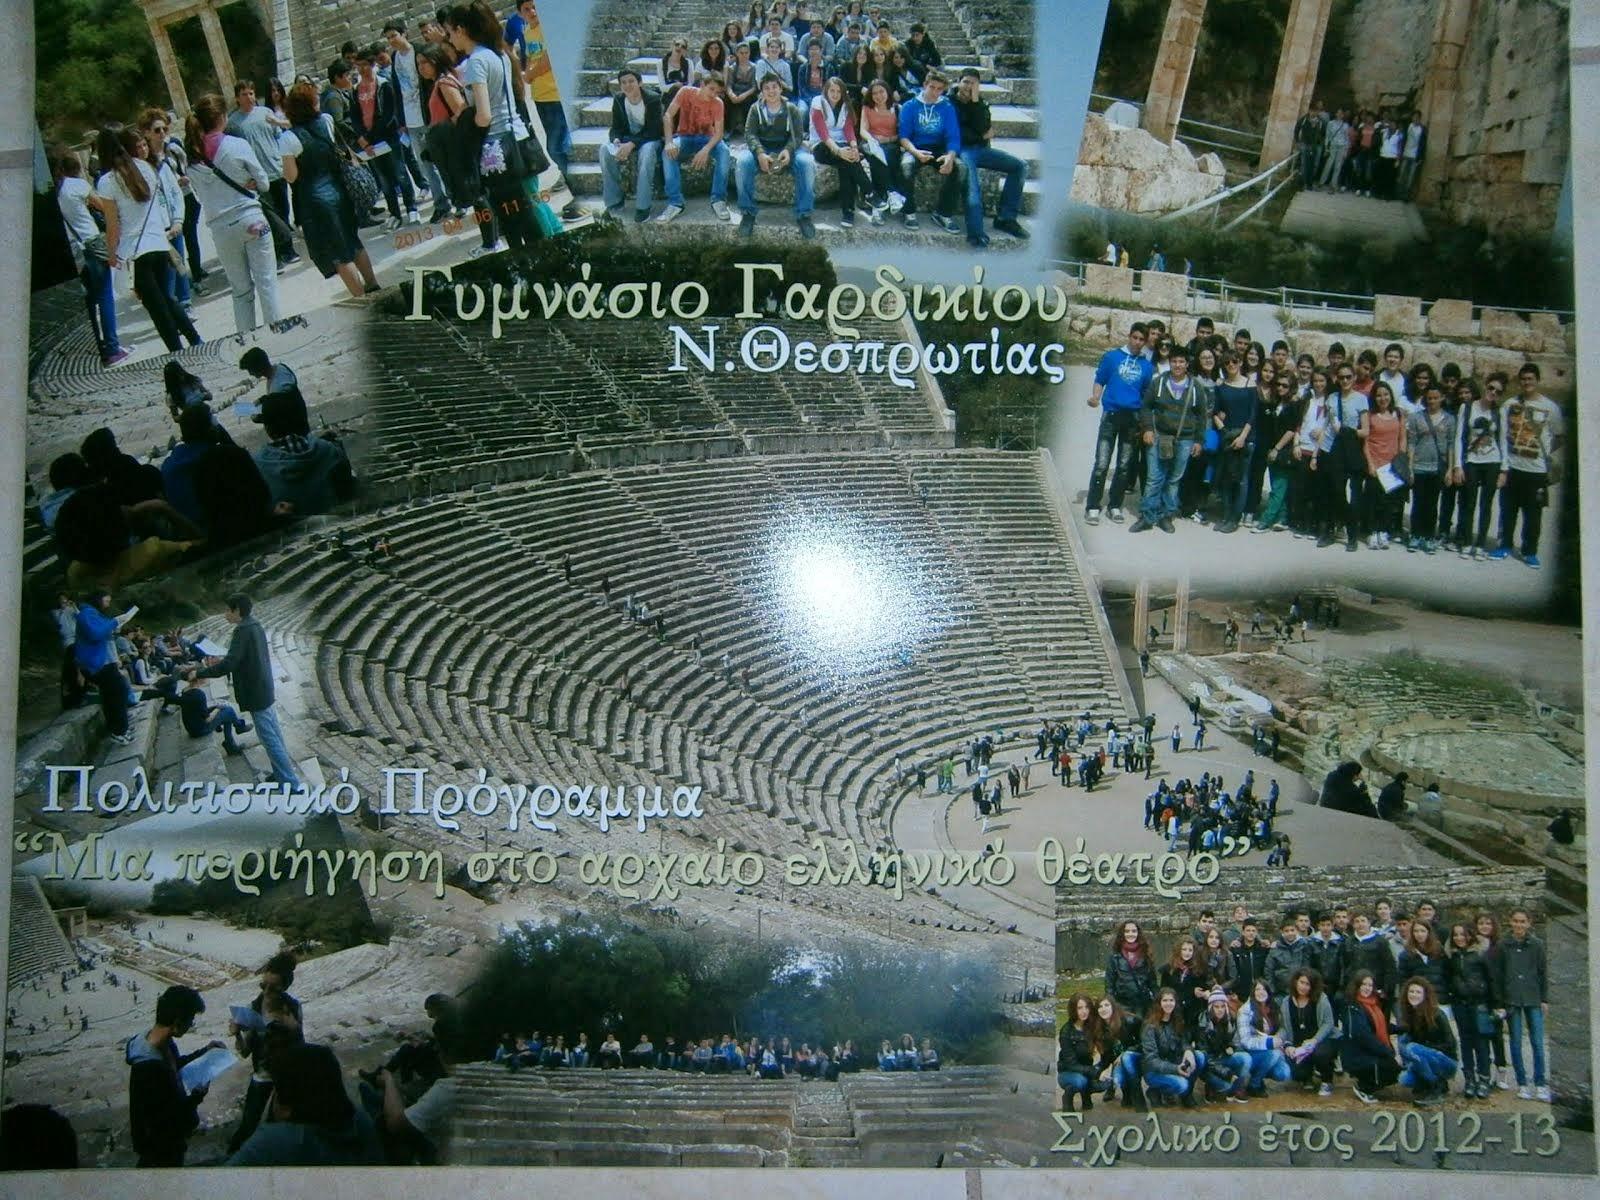 Τα πολιτιστικά μας προγράμματα (2012-13)